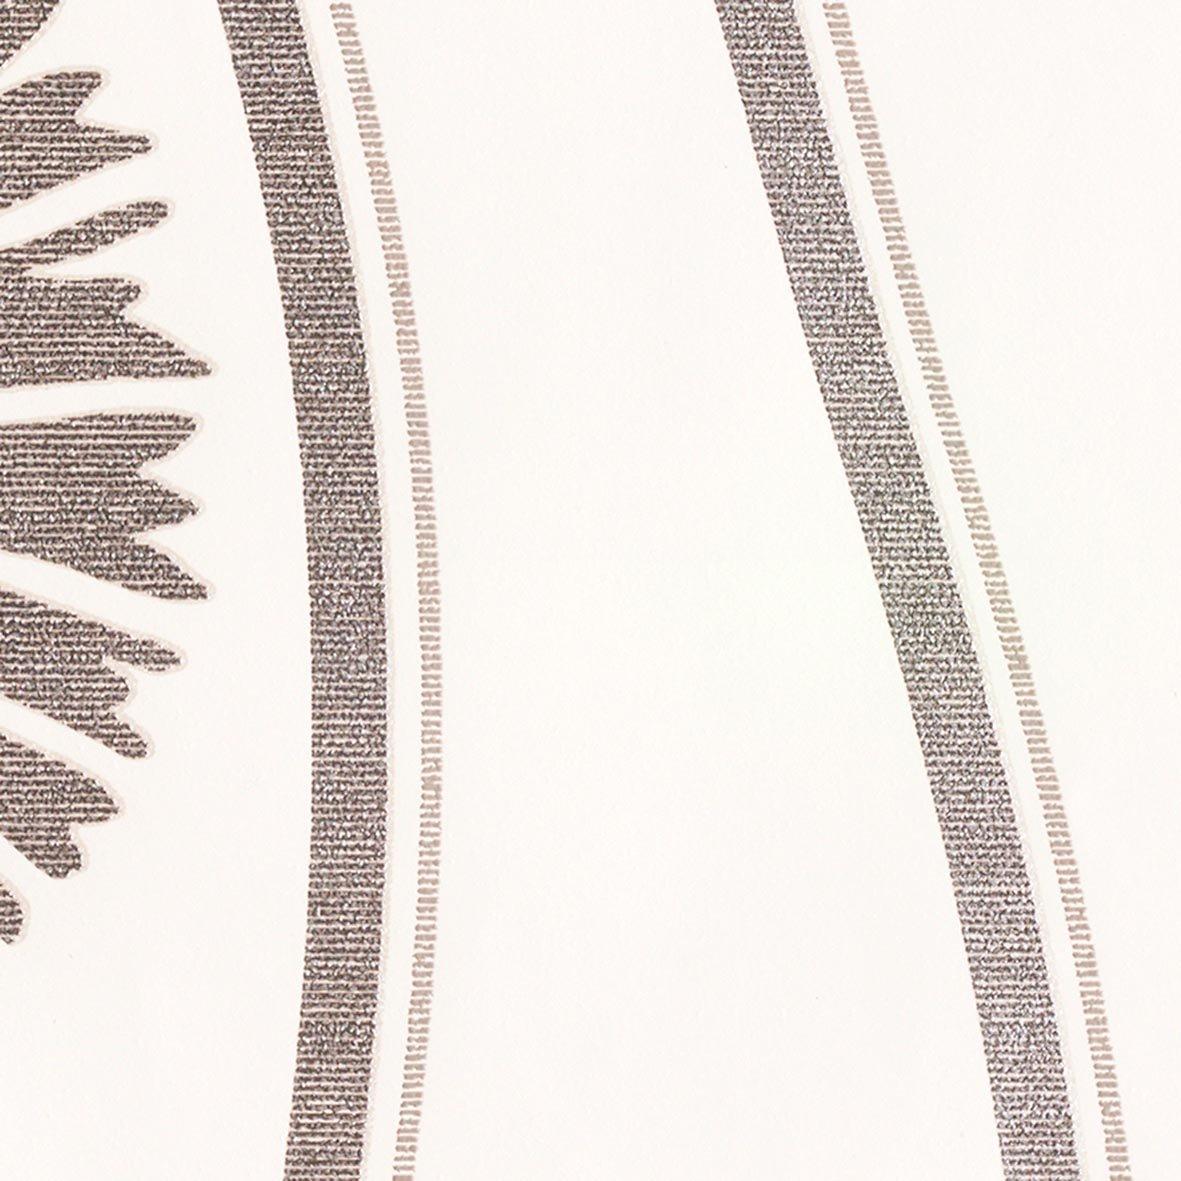 リリカラ 壁紙50m 和 和文様 ホワイト kioi LW-2499 B07612CTSV 50m